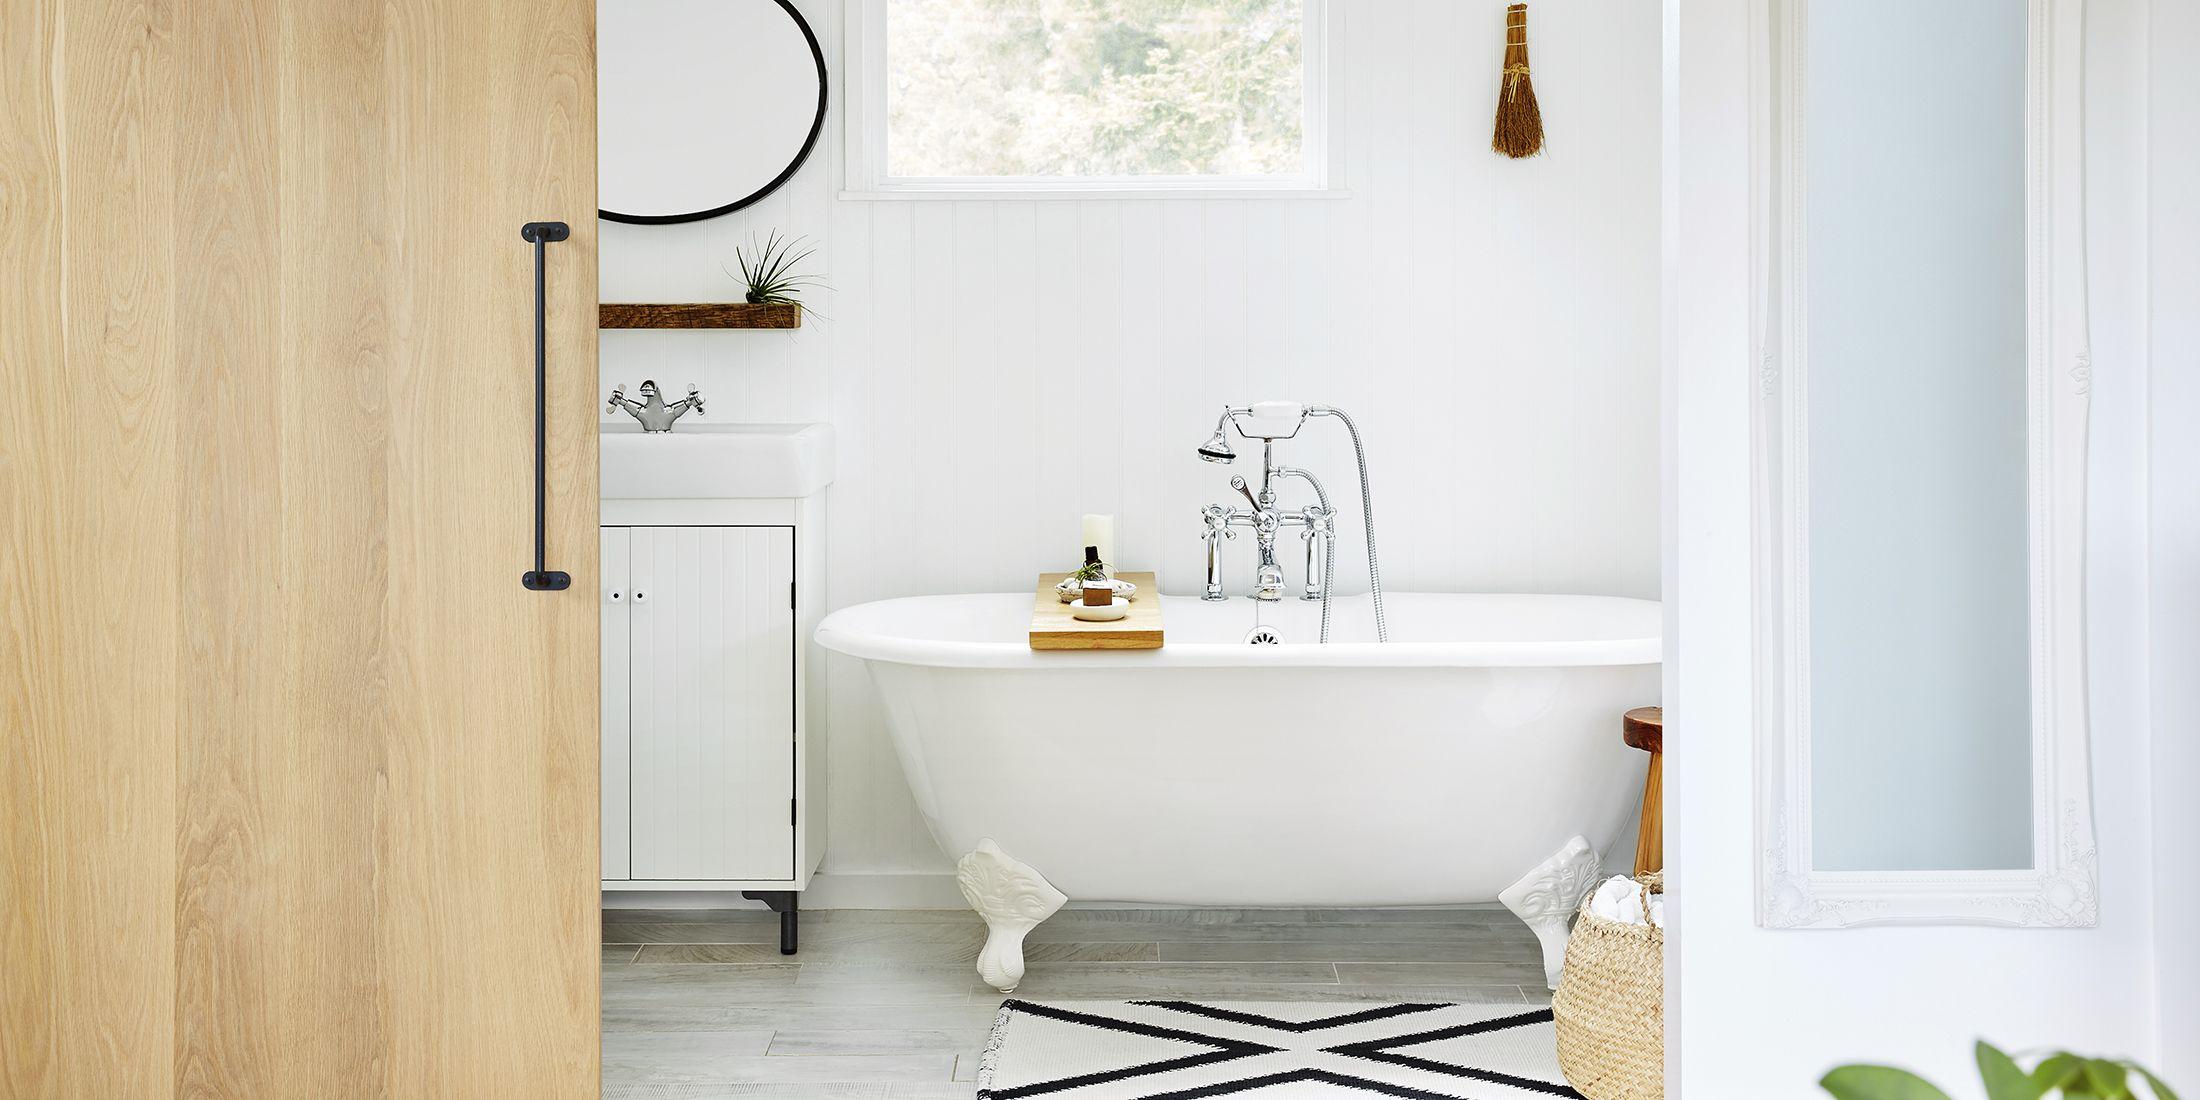 Nepriekaištingai sutvarkytas, švarus vonios kambarys